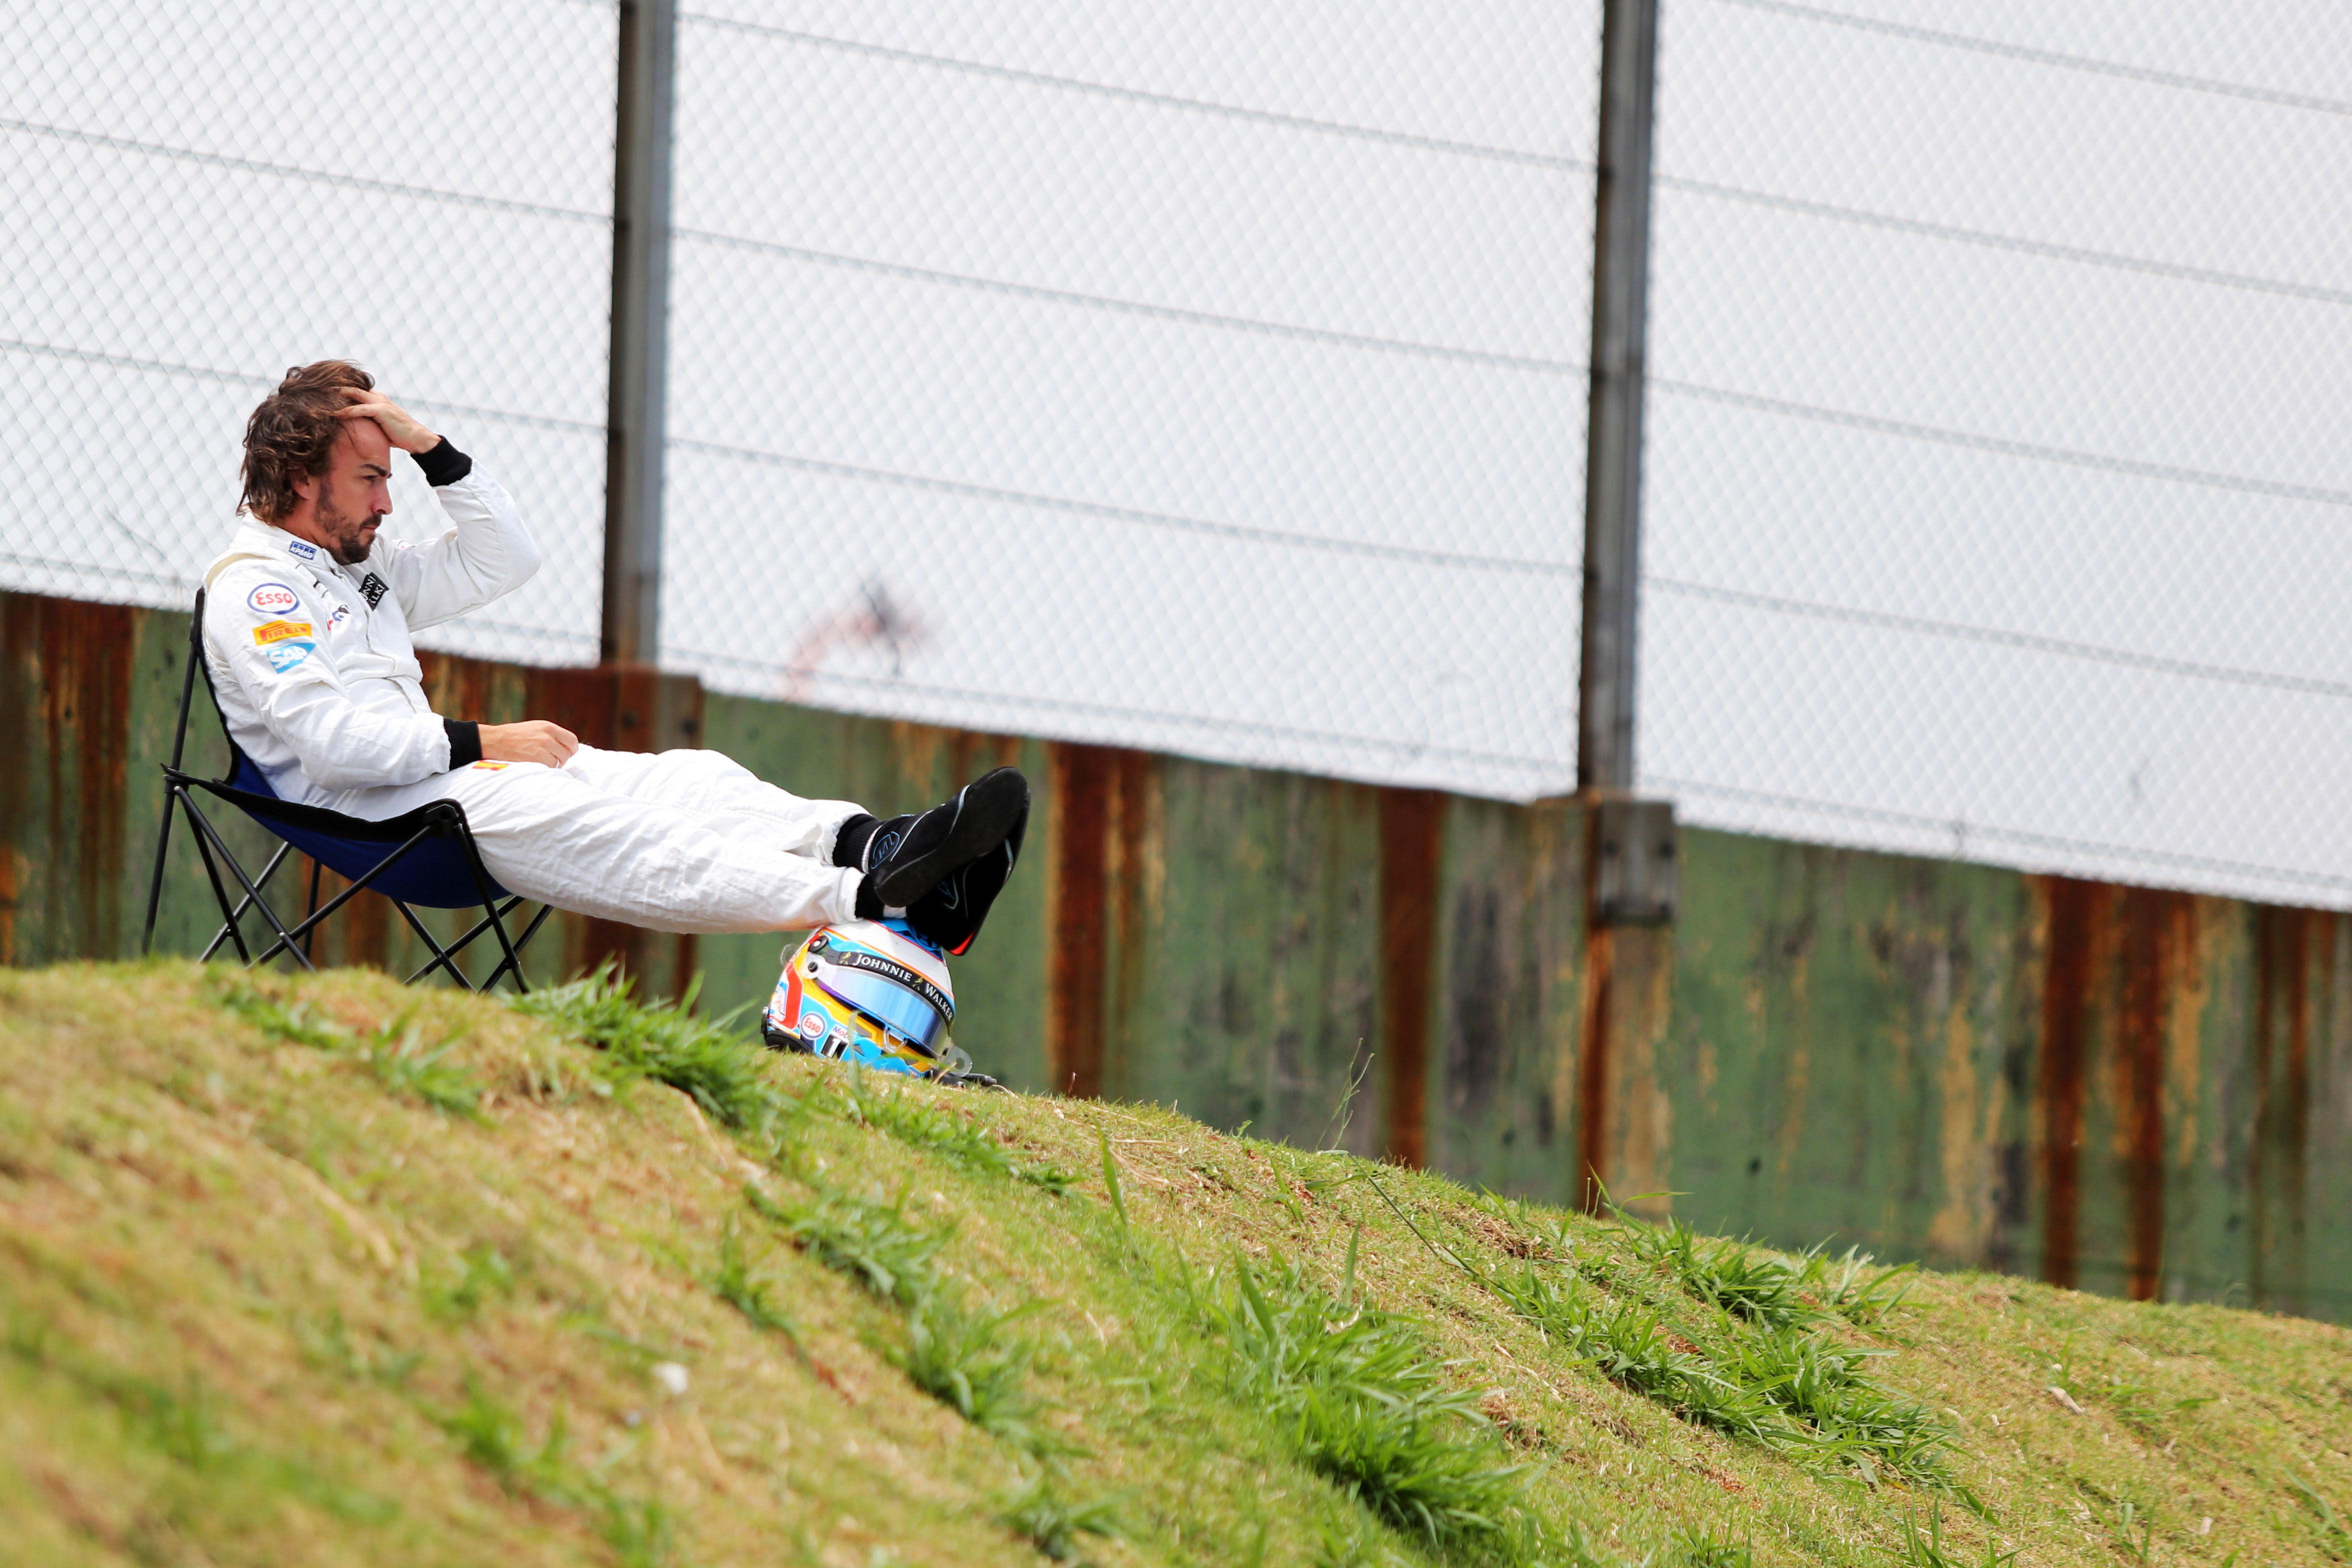 ¿Cuántos pilotos españoles han disputado al menos una carrera en el mundial de Fórmula1?